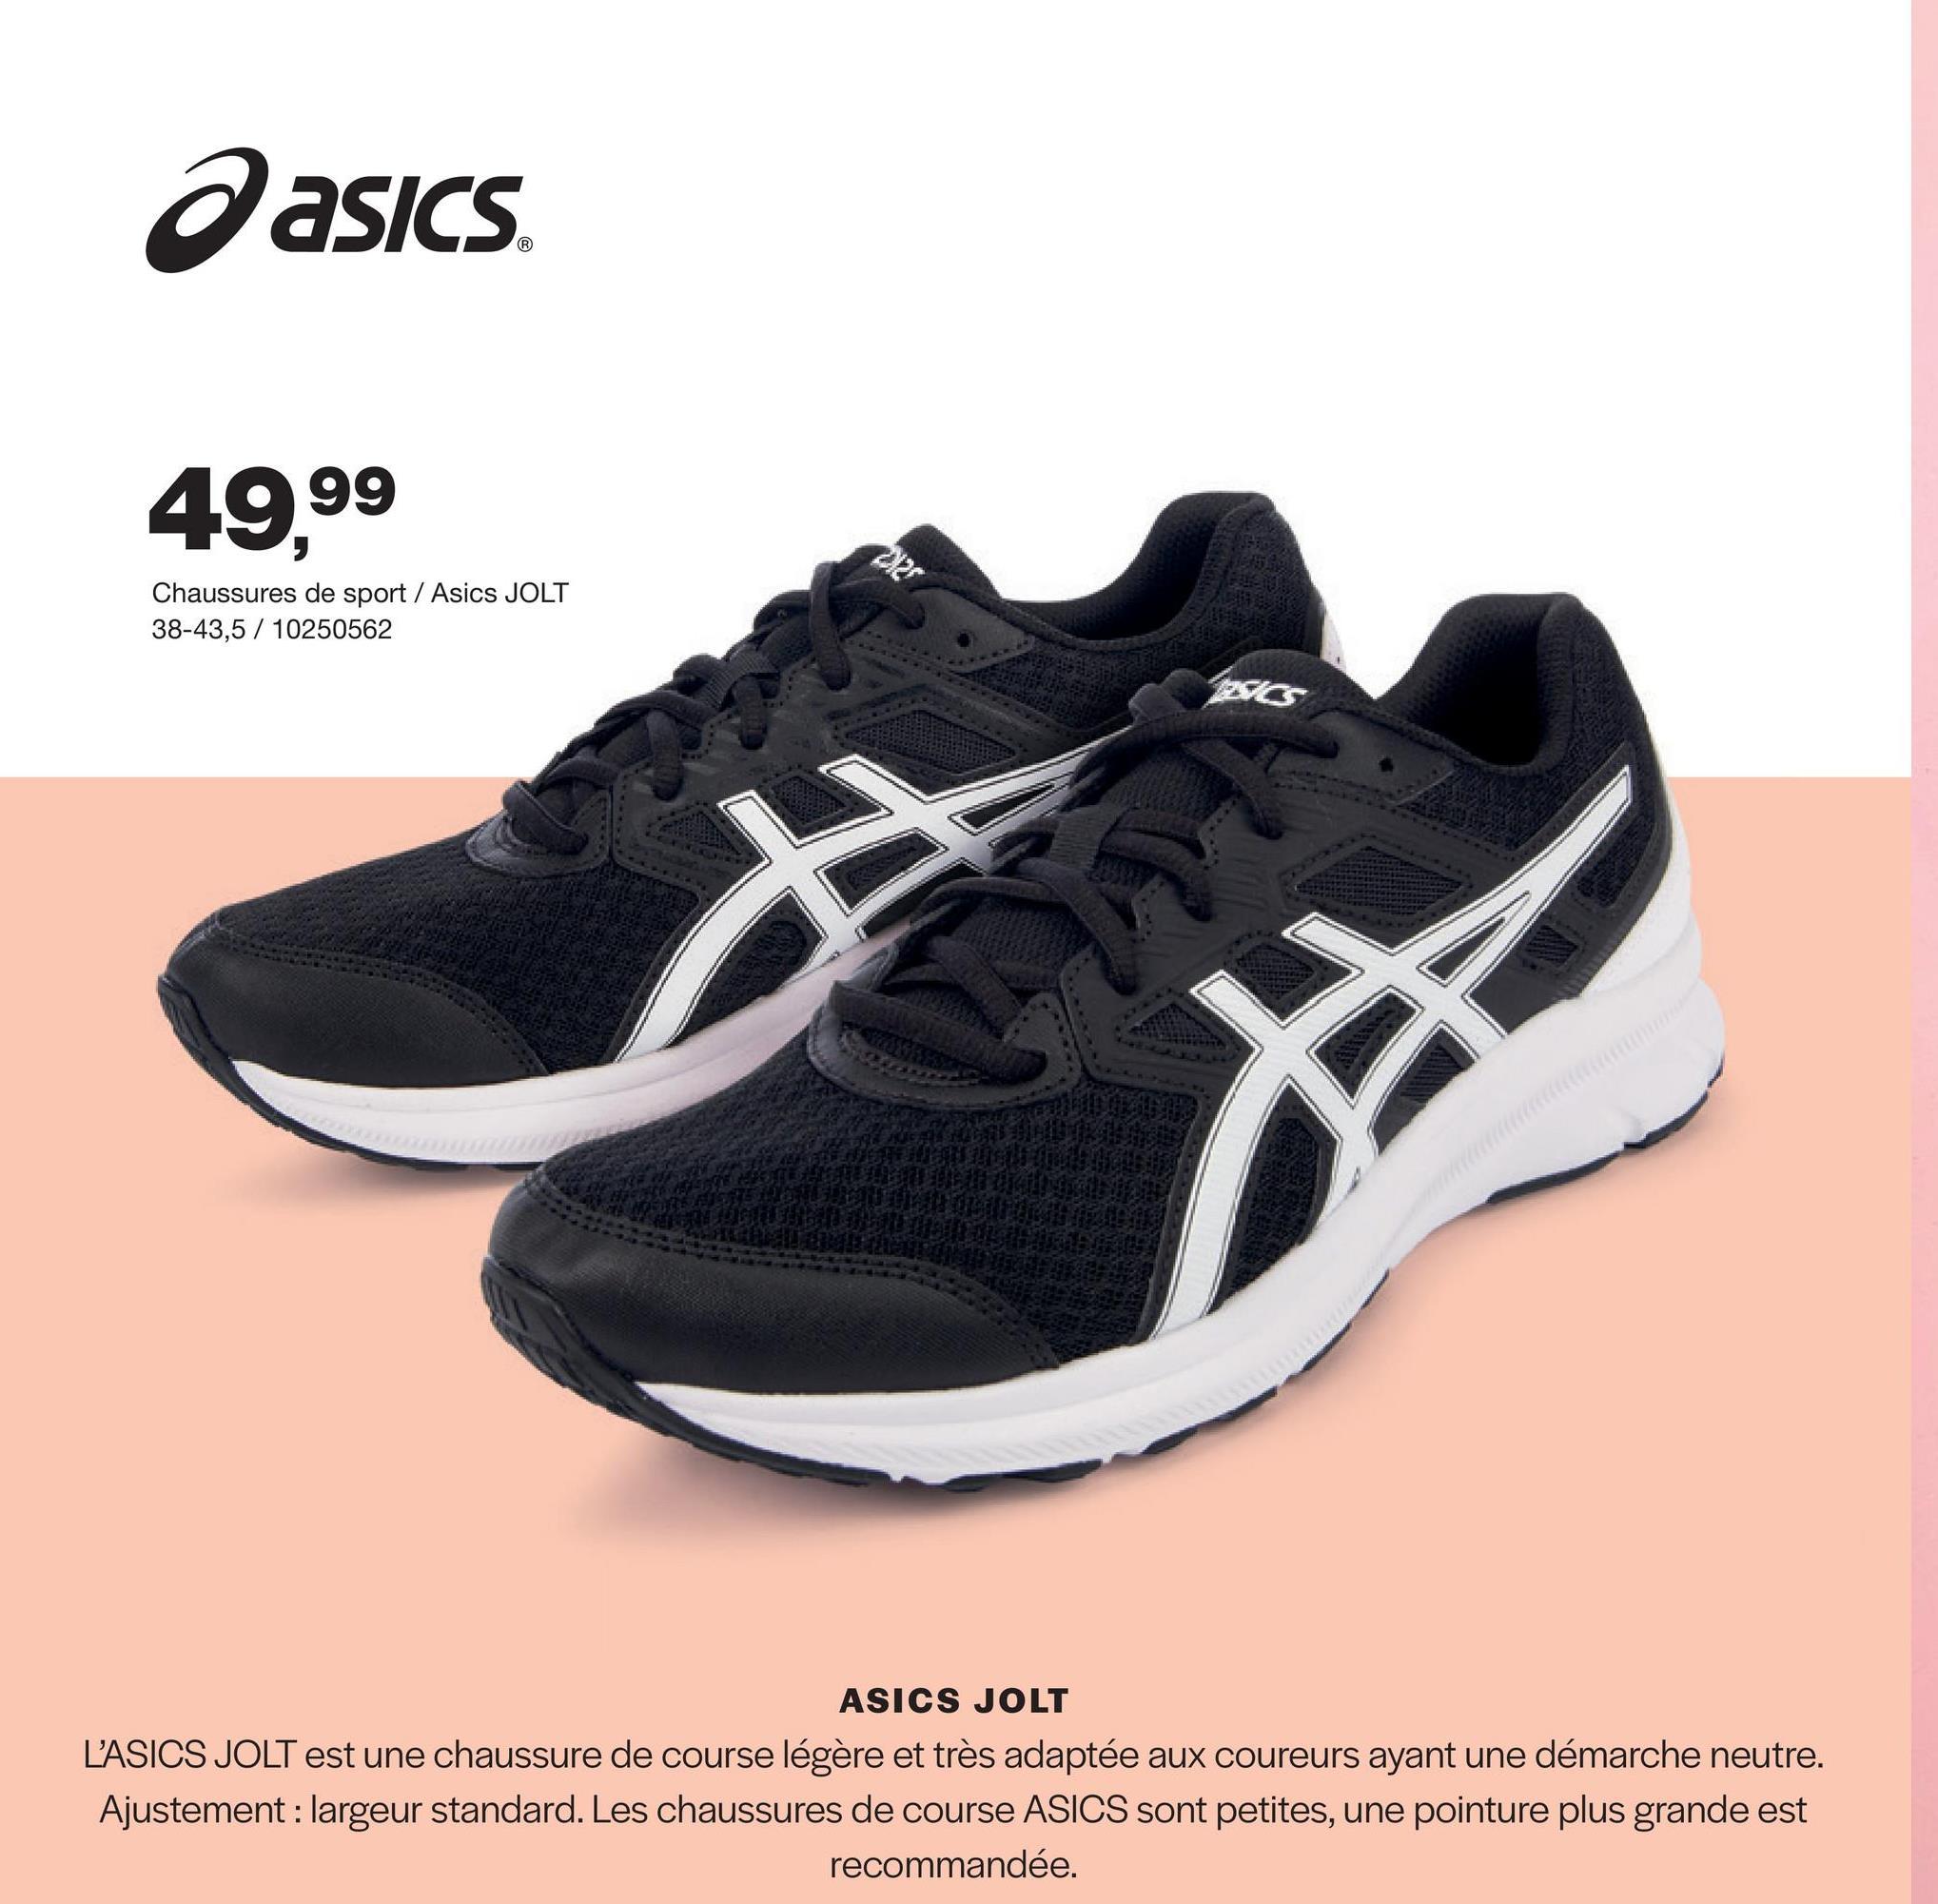 Chaussure de course Jolt 3 Asics - Noir Ce Jolt 3 de la marque Asics est une chaussure de course légère pour femmes. La semelle intérieure absorde les chocs et donne un confort optimal.